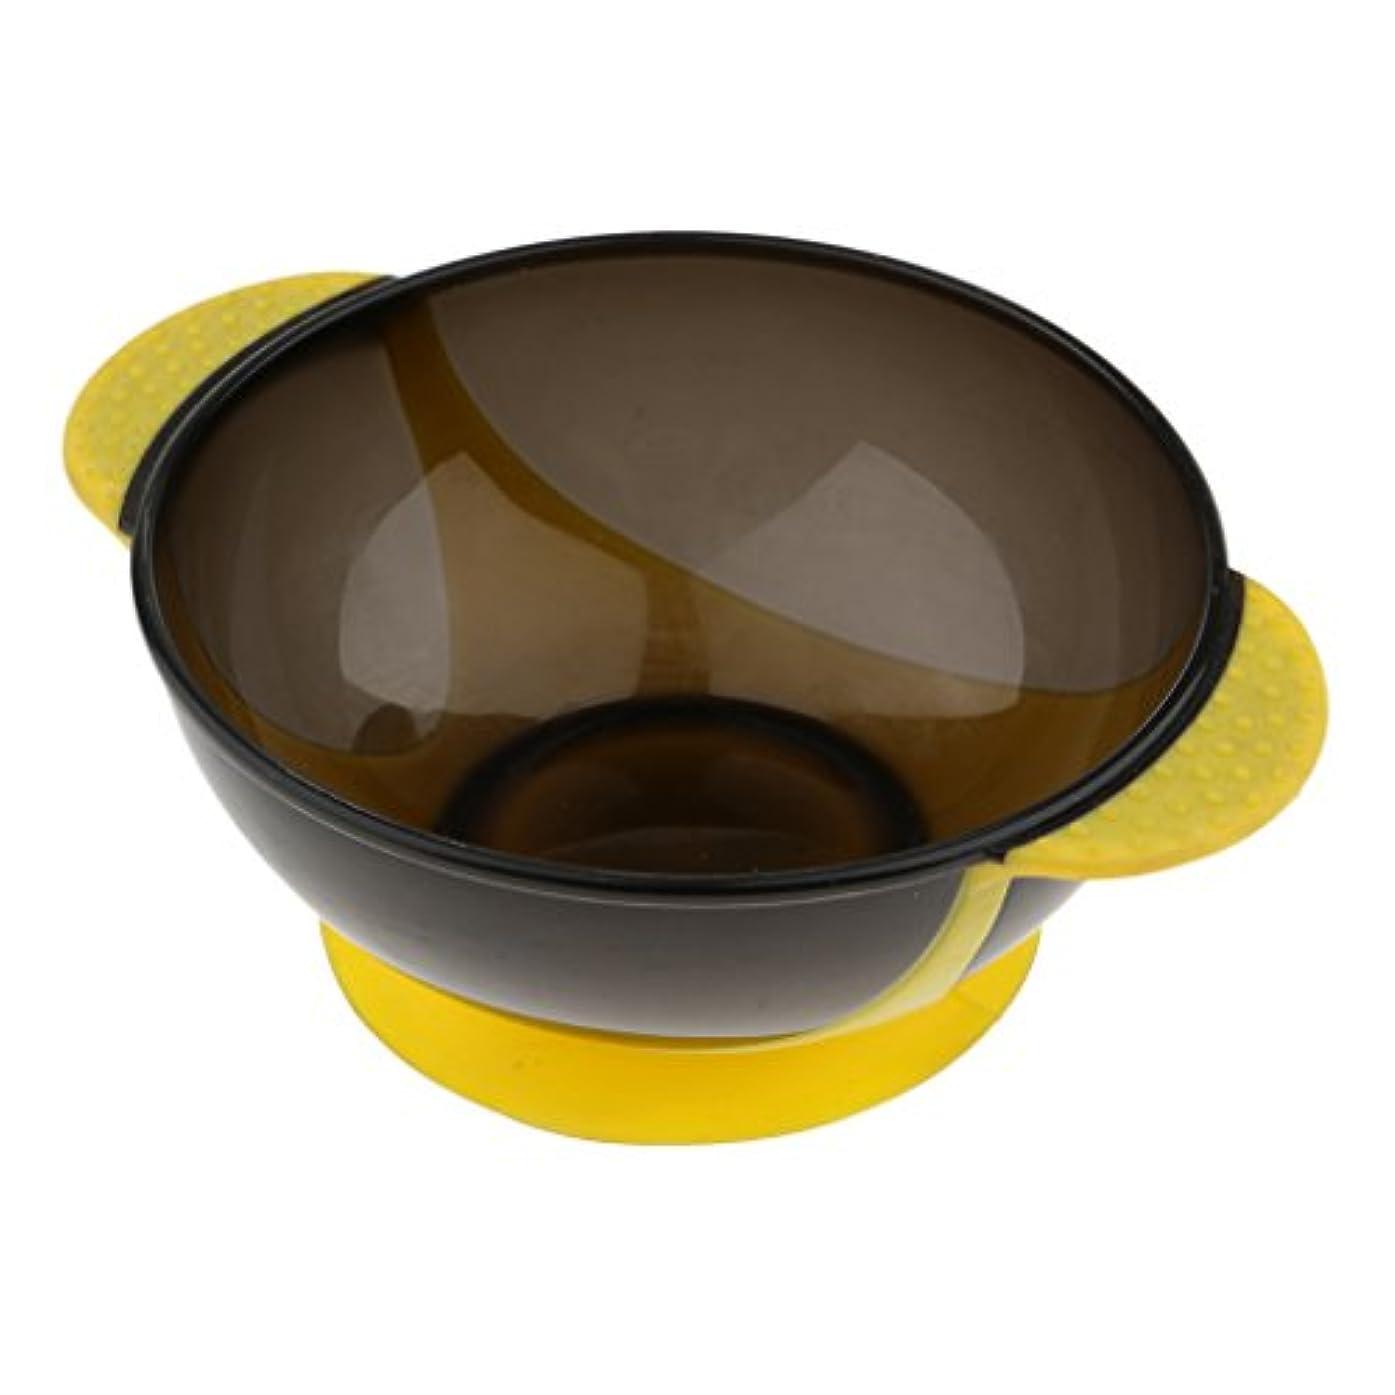 禁じるスキムアレンジKesoto ヘアダイボウル ヘアカラー ヘアカラーカップ 髪染め おしゃれ染め プロ 3色選べる - 黄